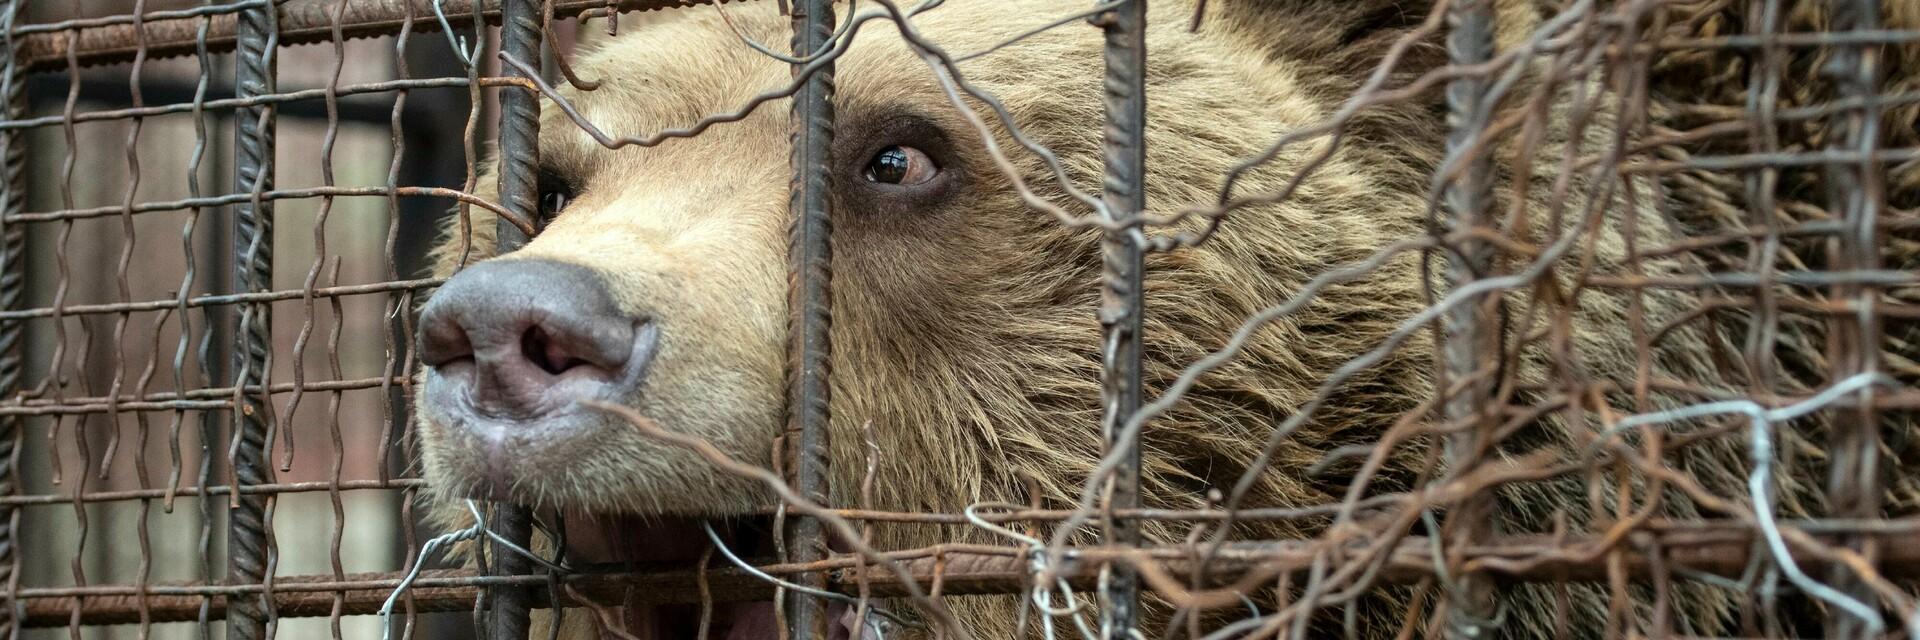 Teddy leidet in seinem Käfig